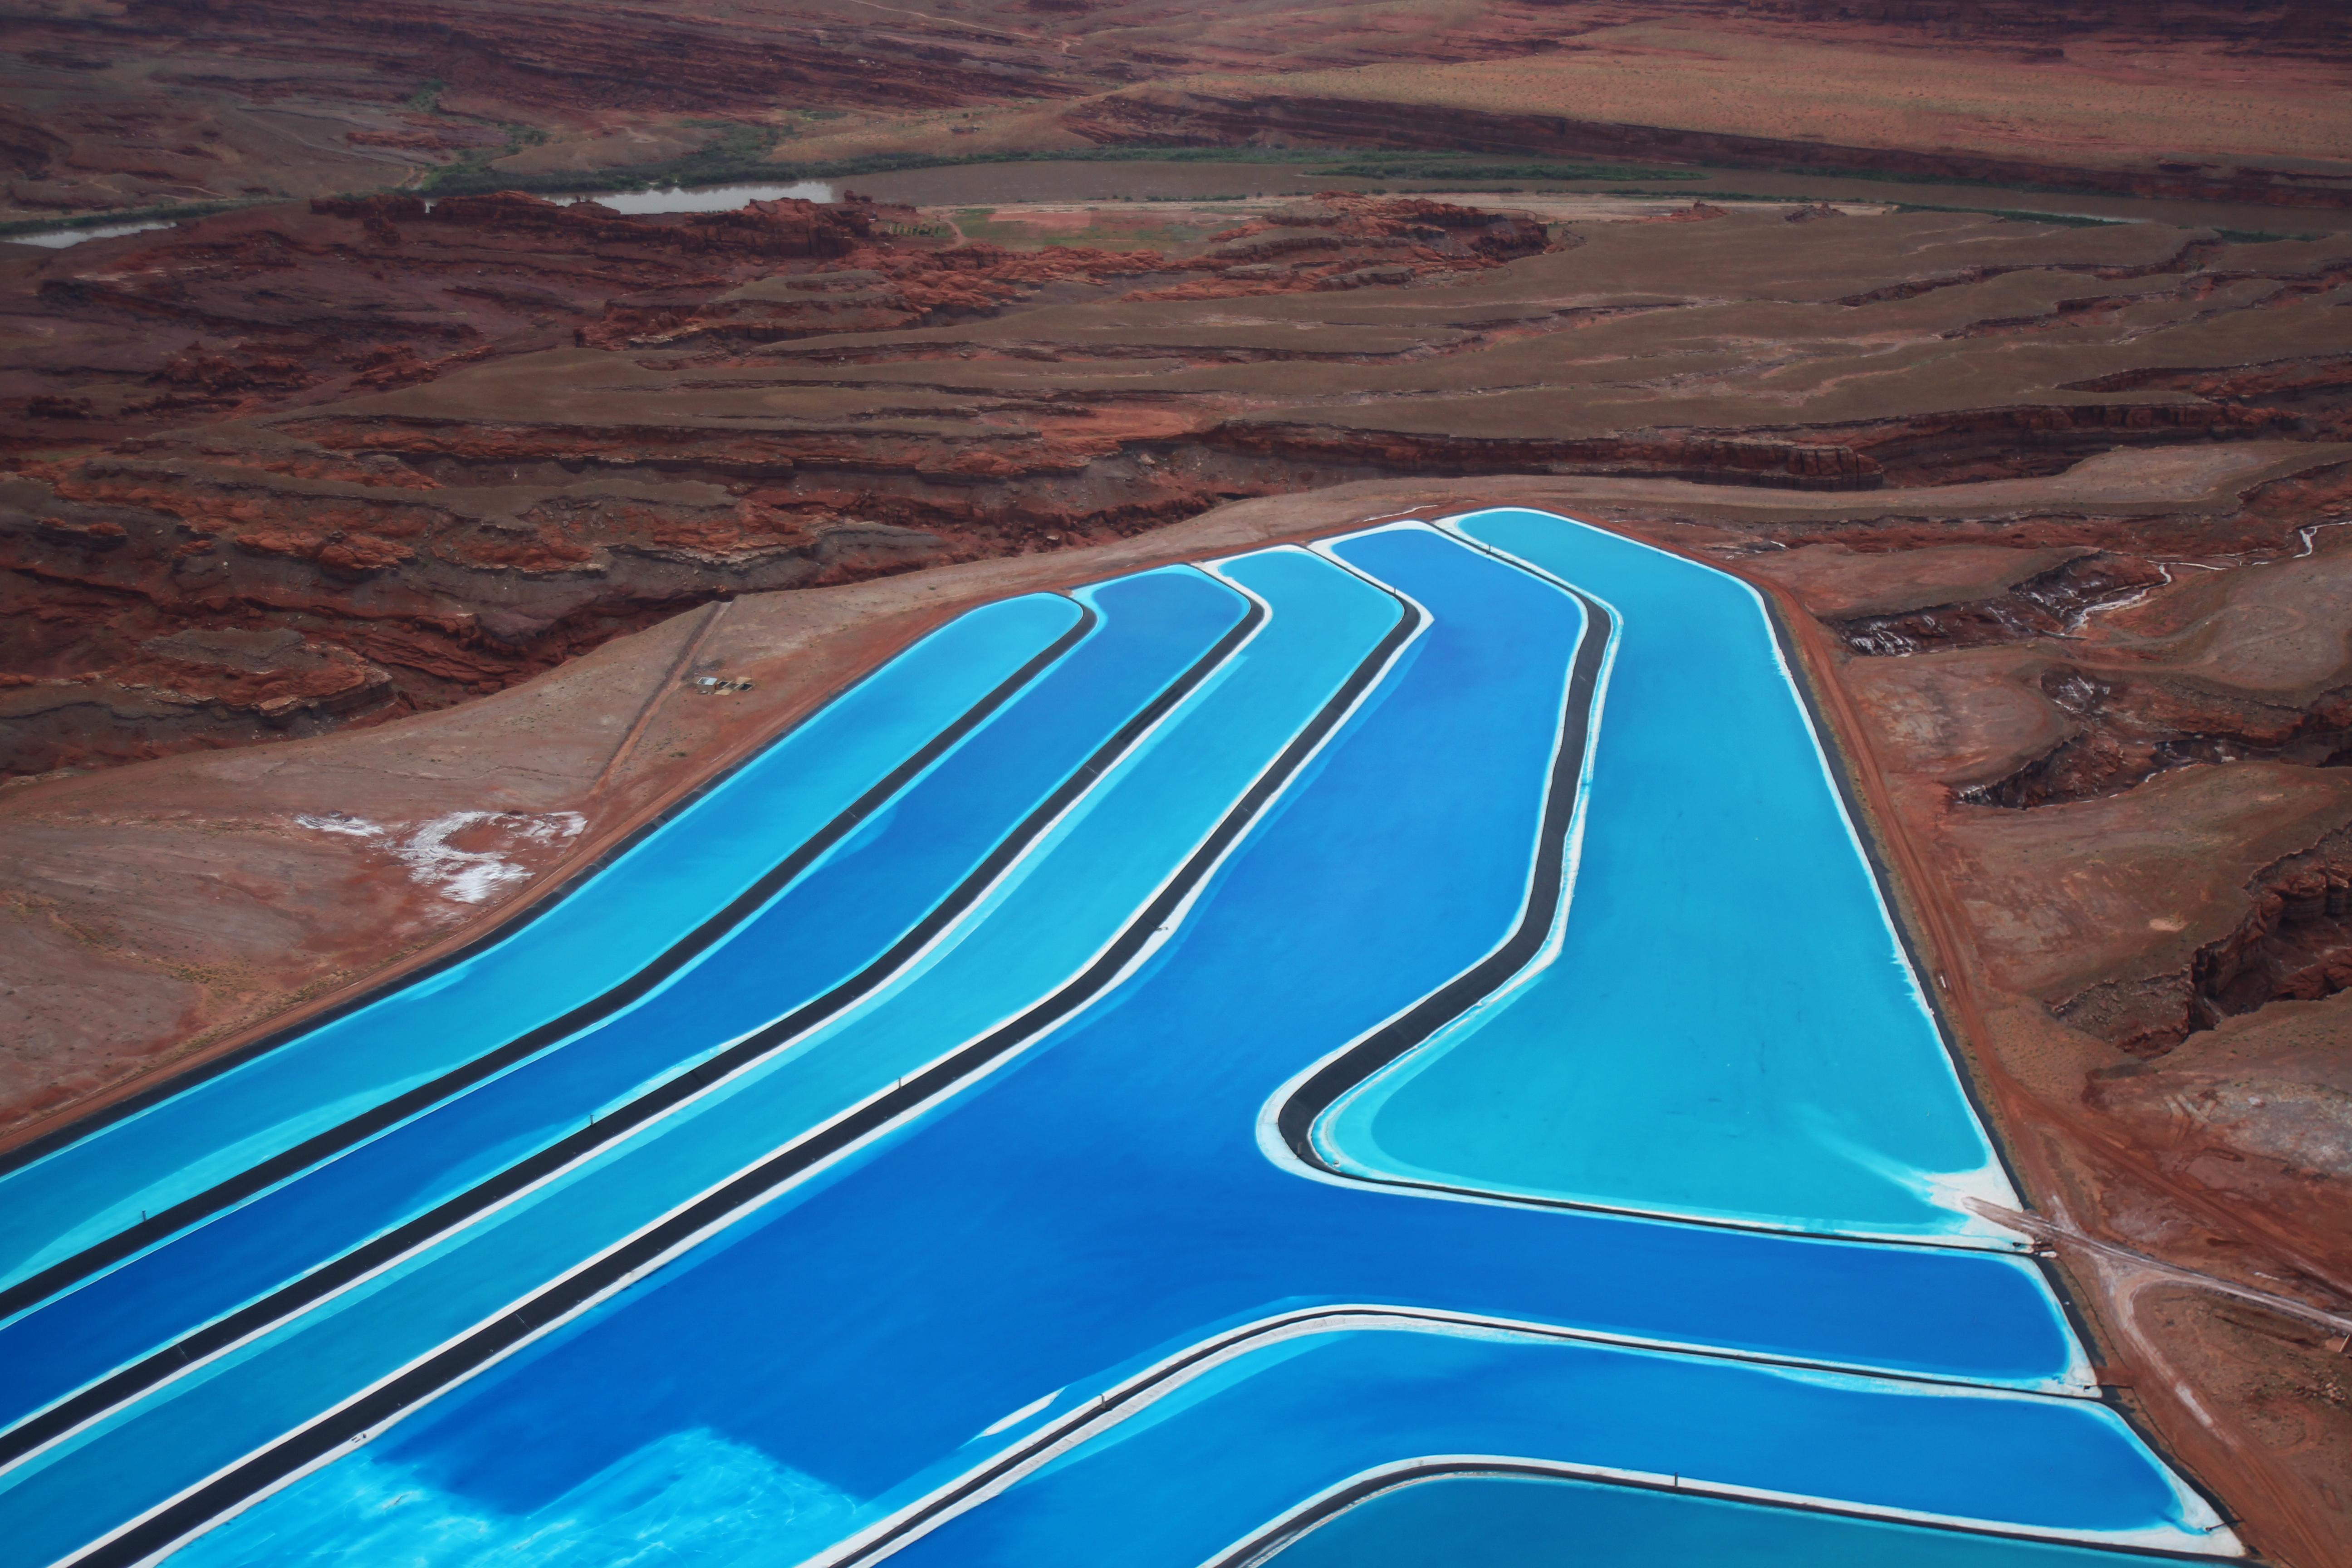 Potash Ponds Moab, Utah